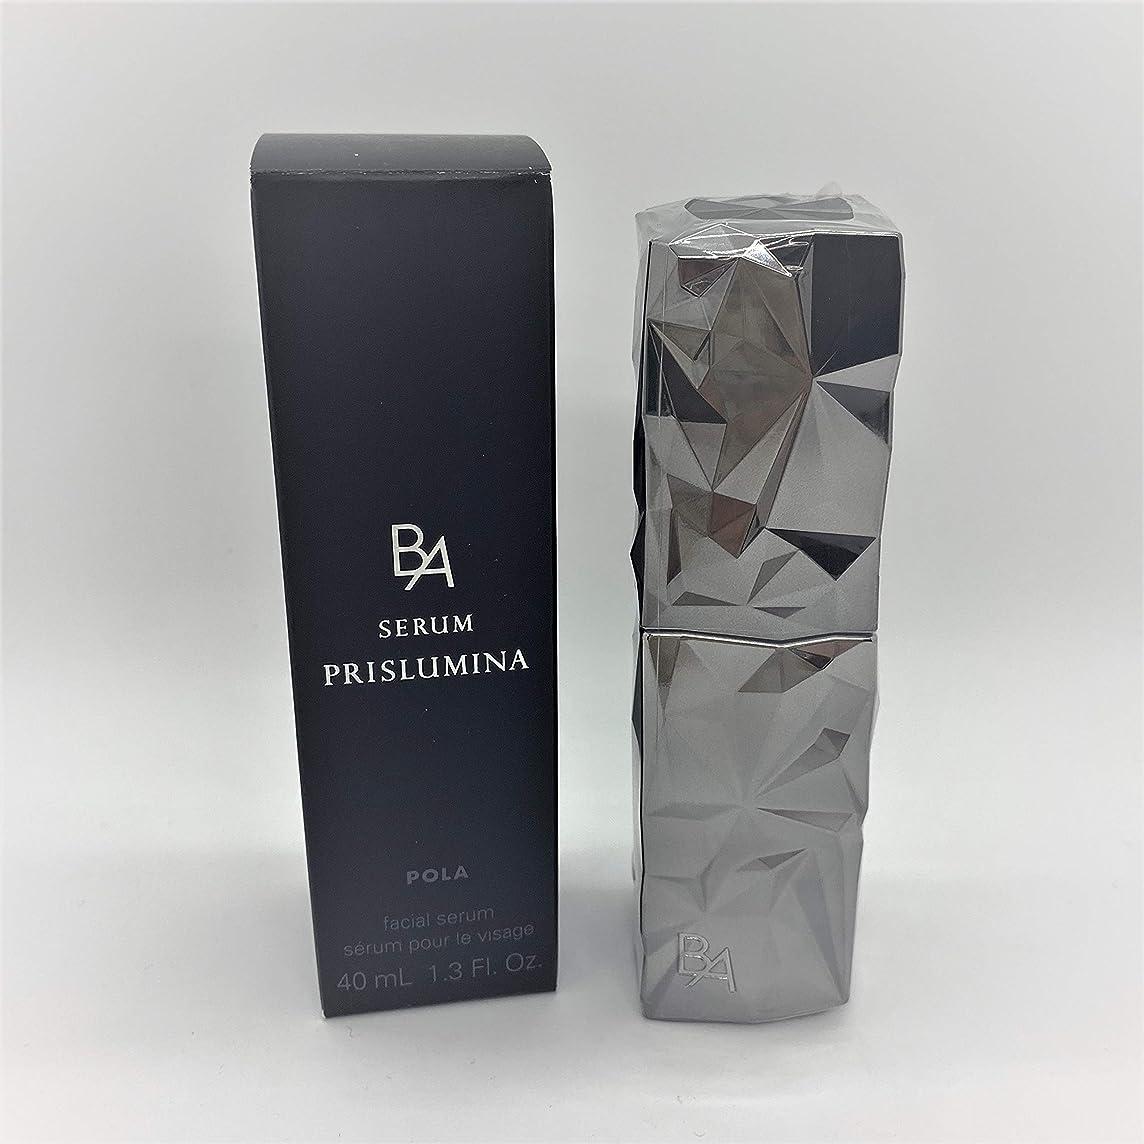 流同級生混合ポーラ B.A セラムプリズルミナ 40ml